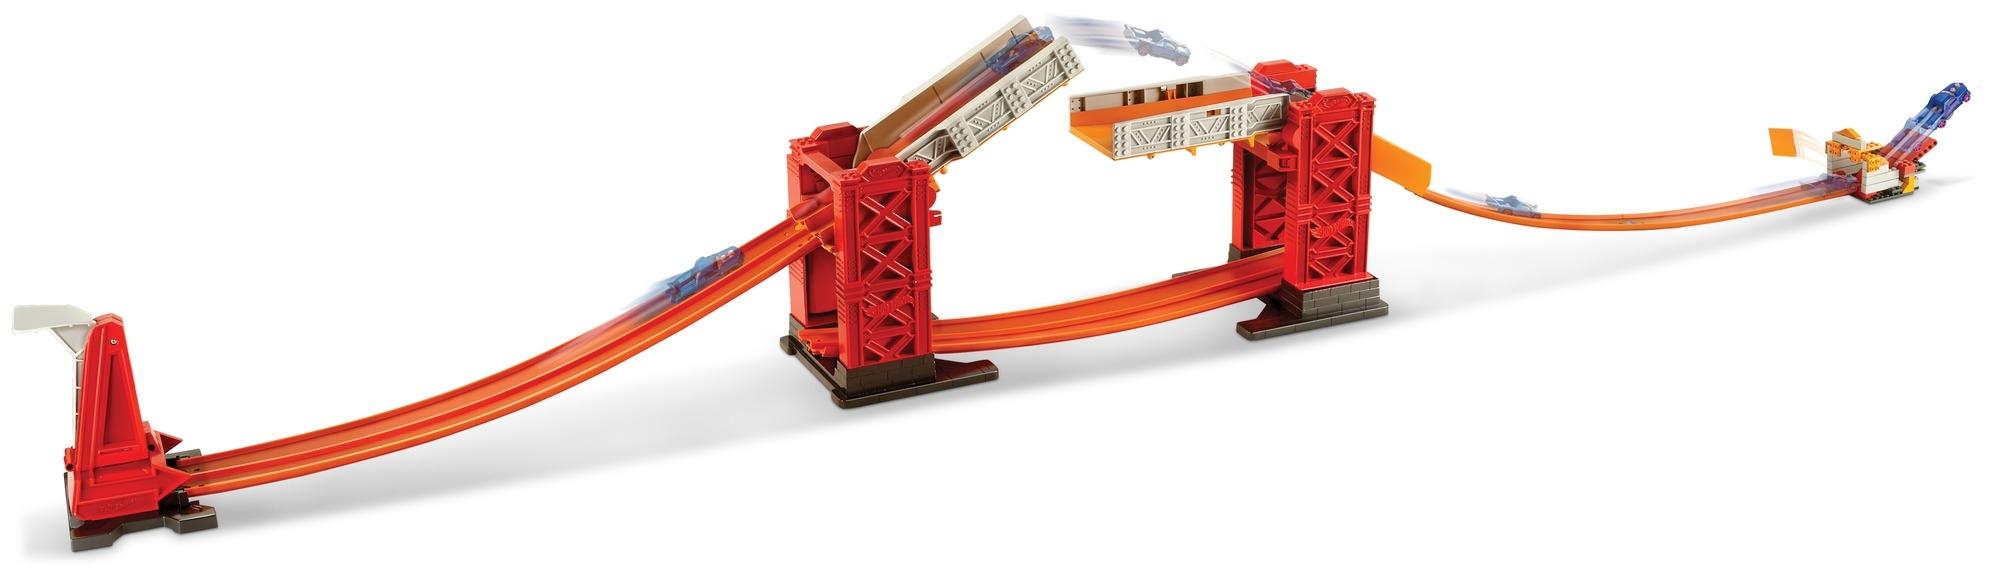 Треки Hot Wheels Конструктор Трасс Hot Wheels «Разводной Мост» браслеты национальное достояние 4700160s nd